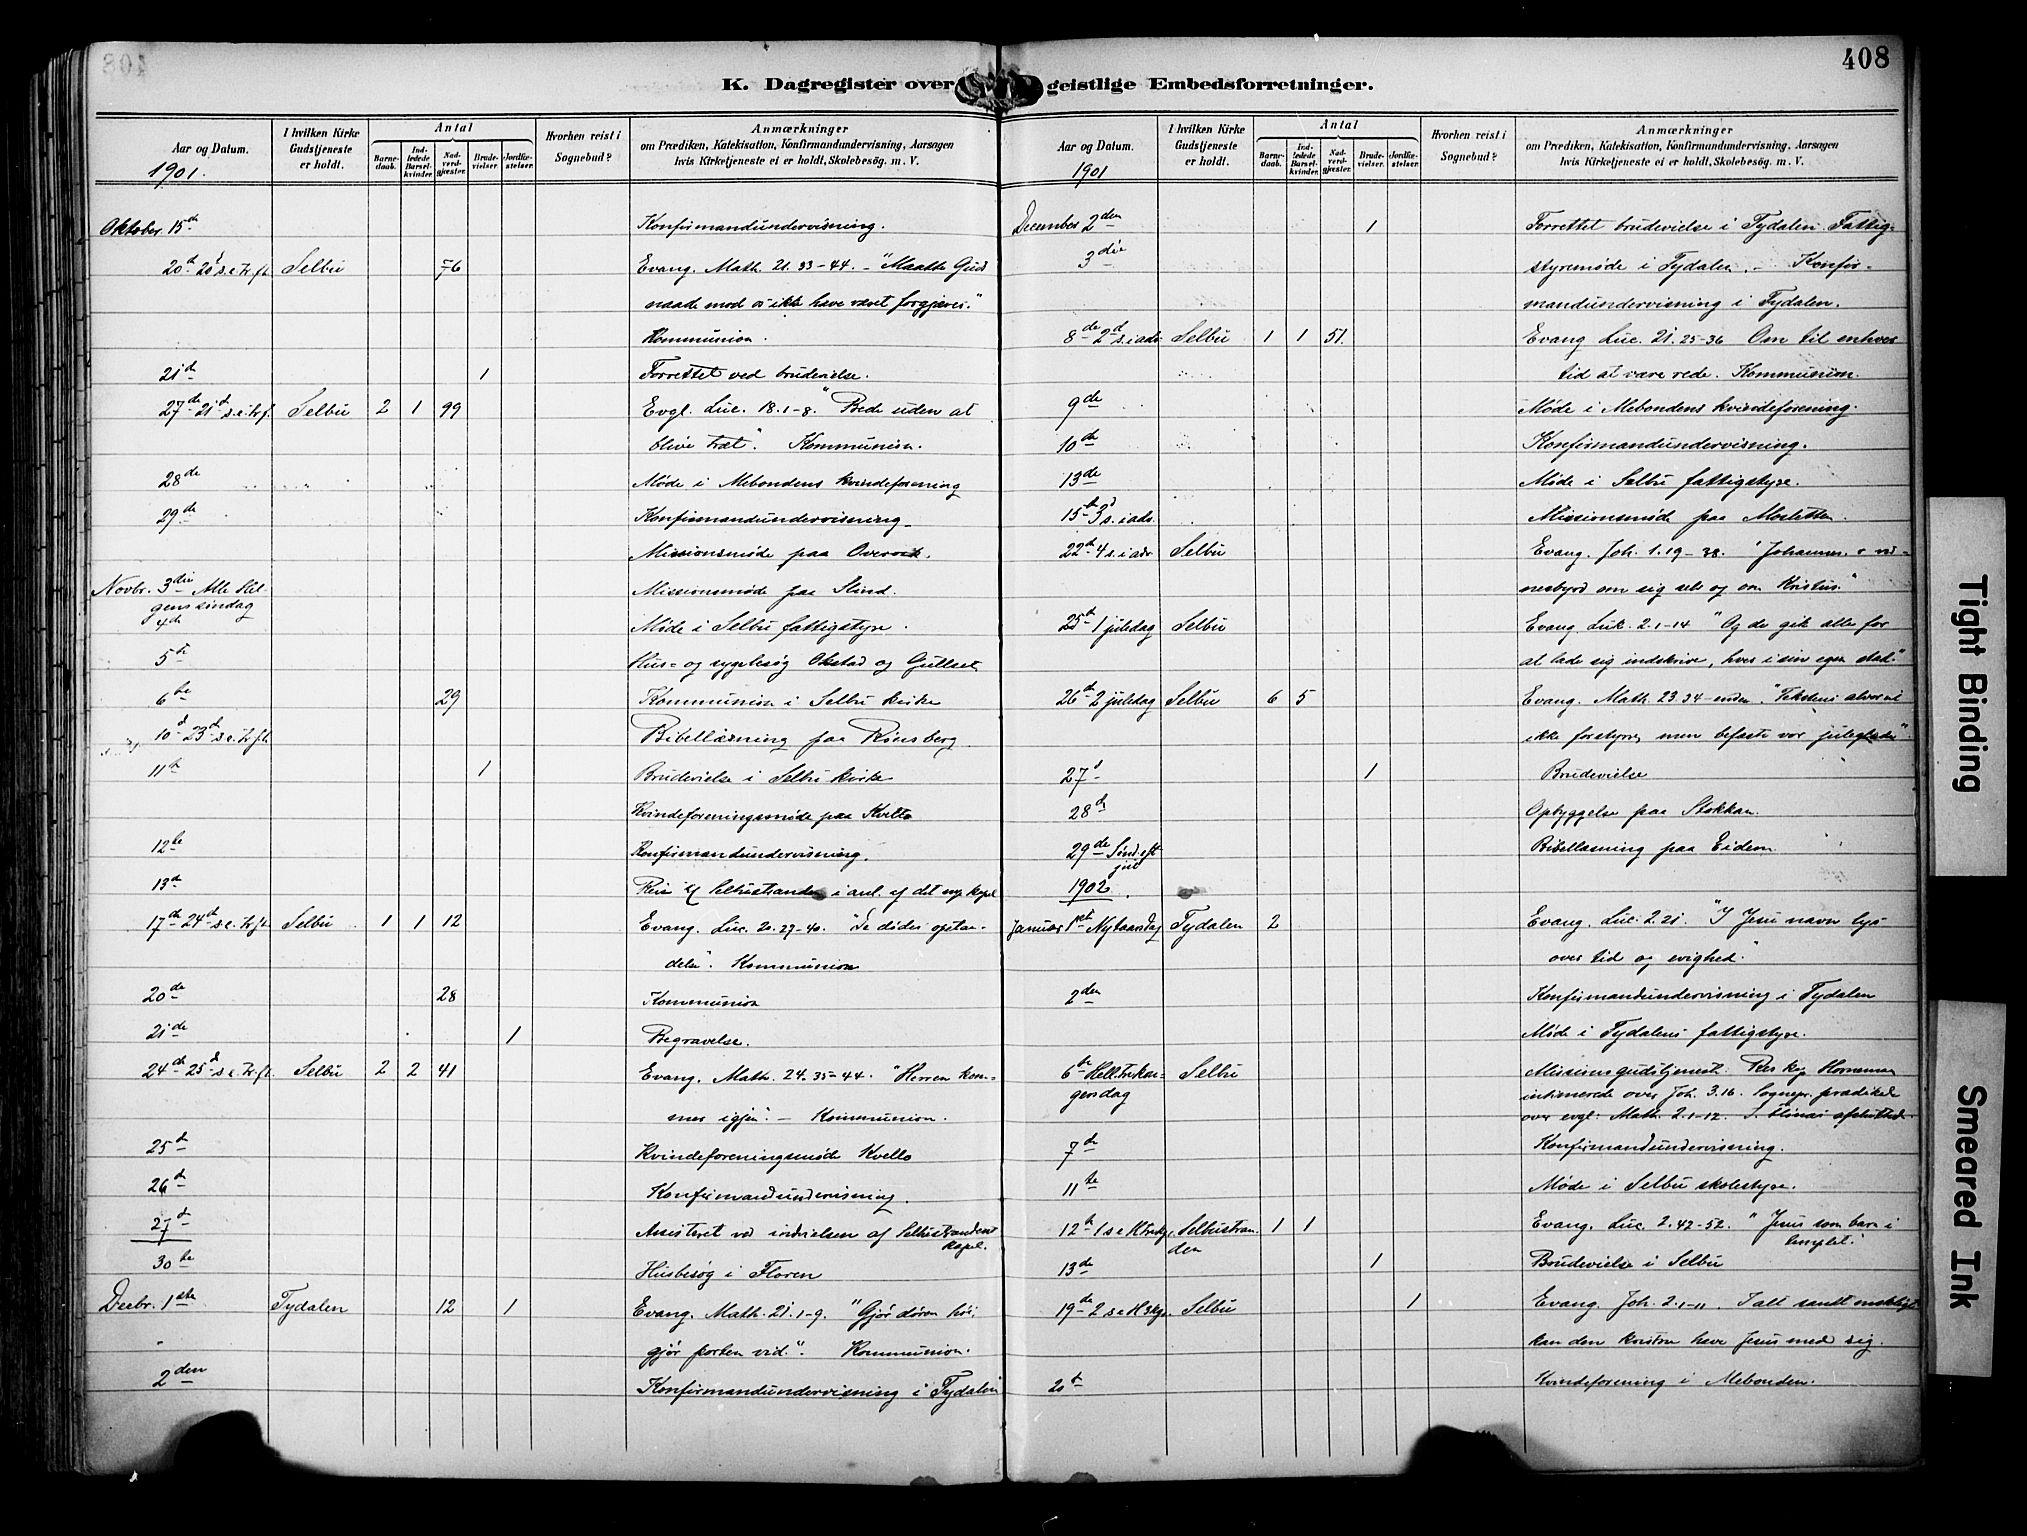 SAT, Ministerialprotokoller, klokkerbøker og fødselsregistre - Sør-Trøndelag, 695/L1149: Ministerialbok nr. 695A09, 1891-1902, s. 408